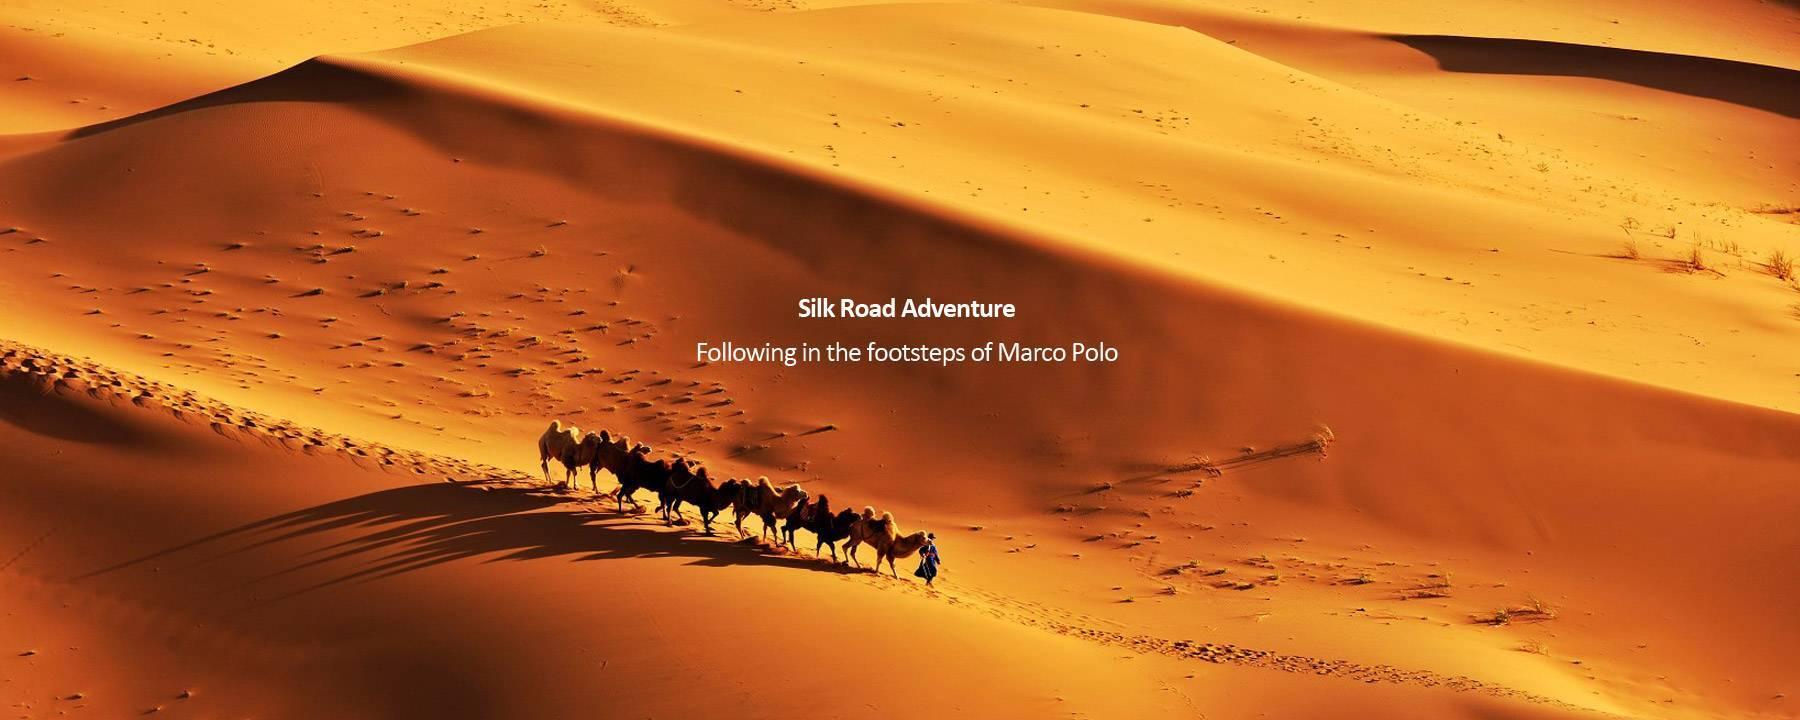 Silk Road Adventure Tour